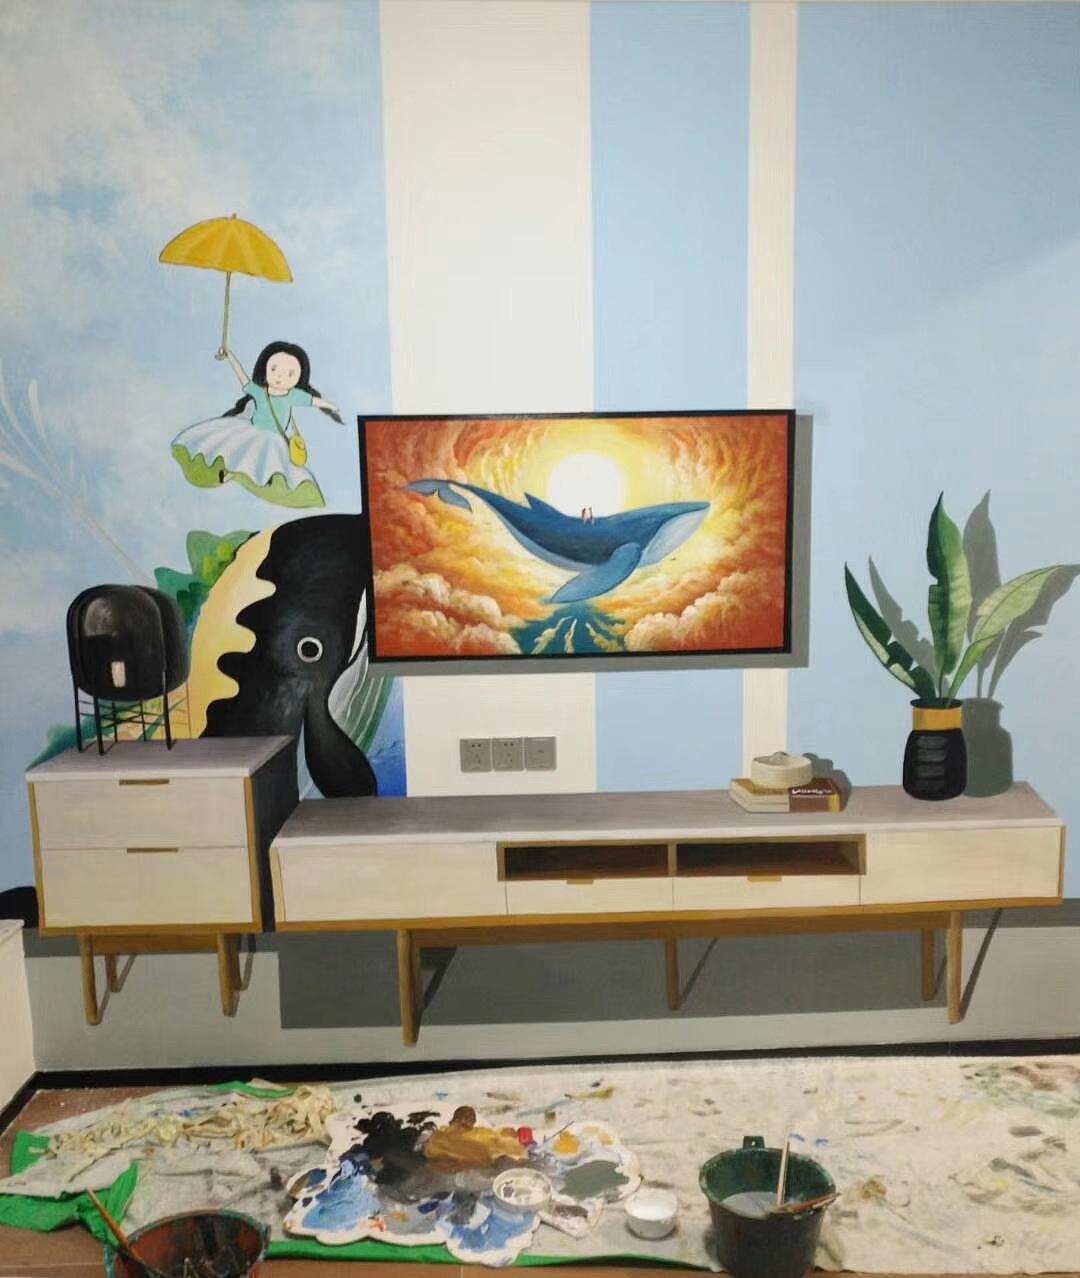 广州室内手绘墙画_样板房墙绘 样板间彩绘 清水样板间彩绘|其他|墙绘/立体画|壹家 ...